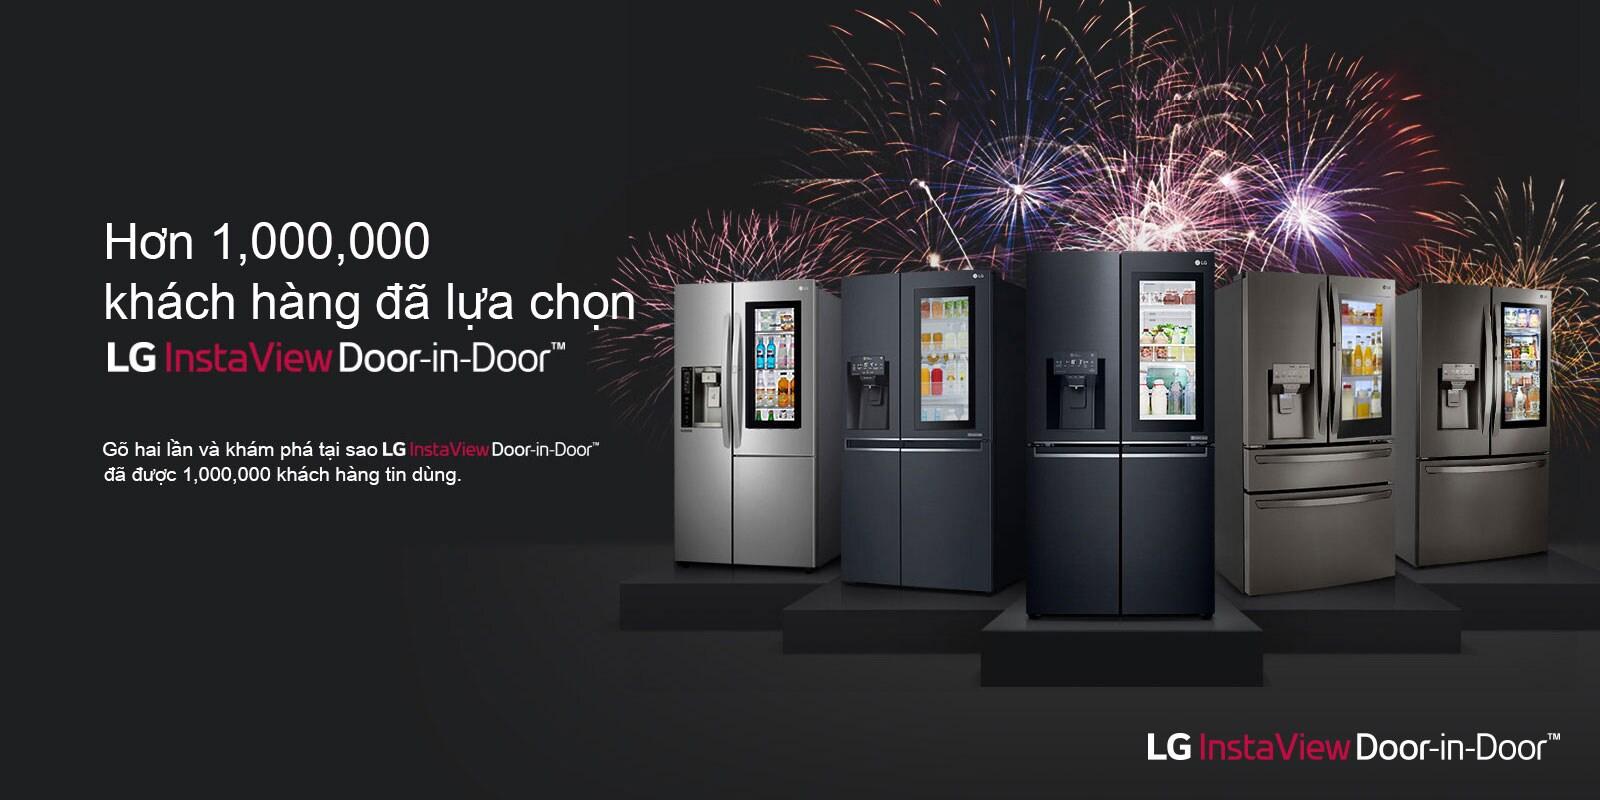 LG - Sản phẩm Online chính hãng